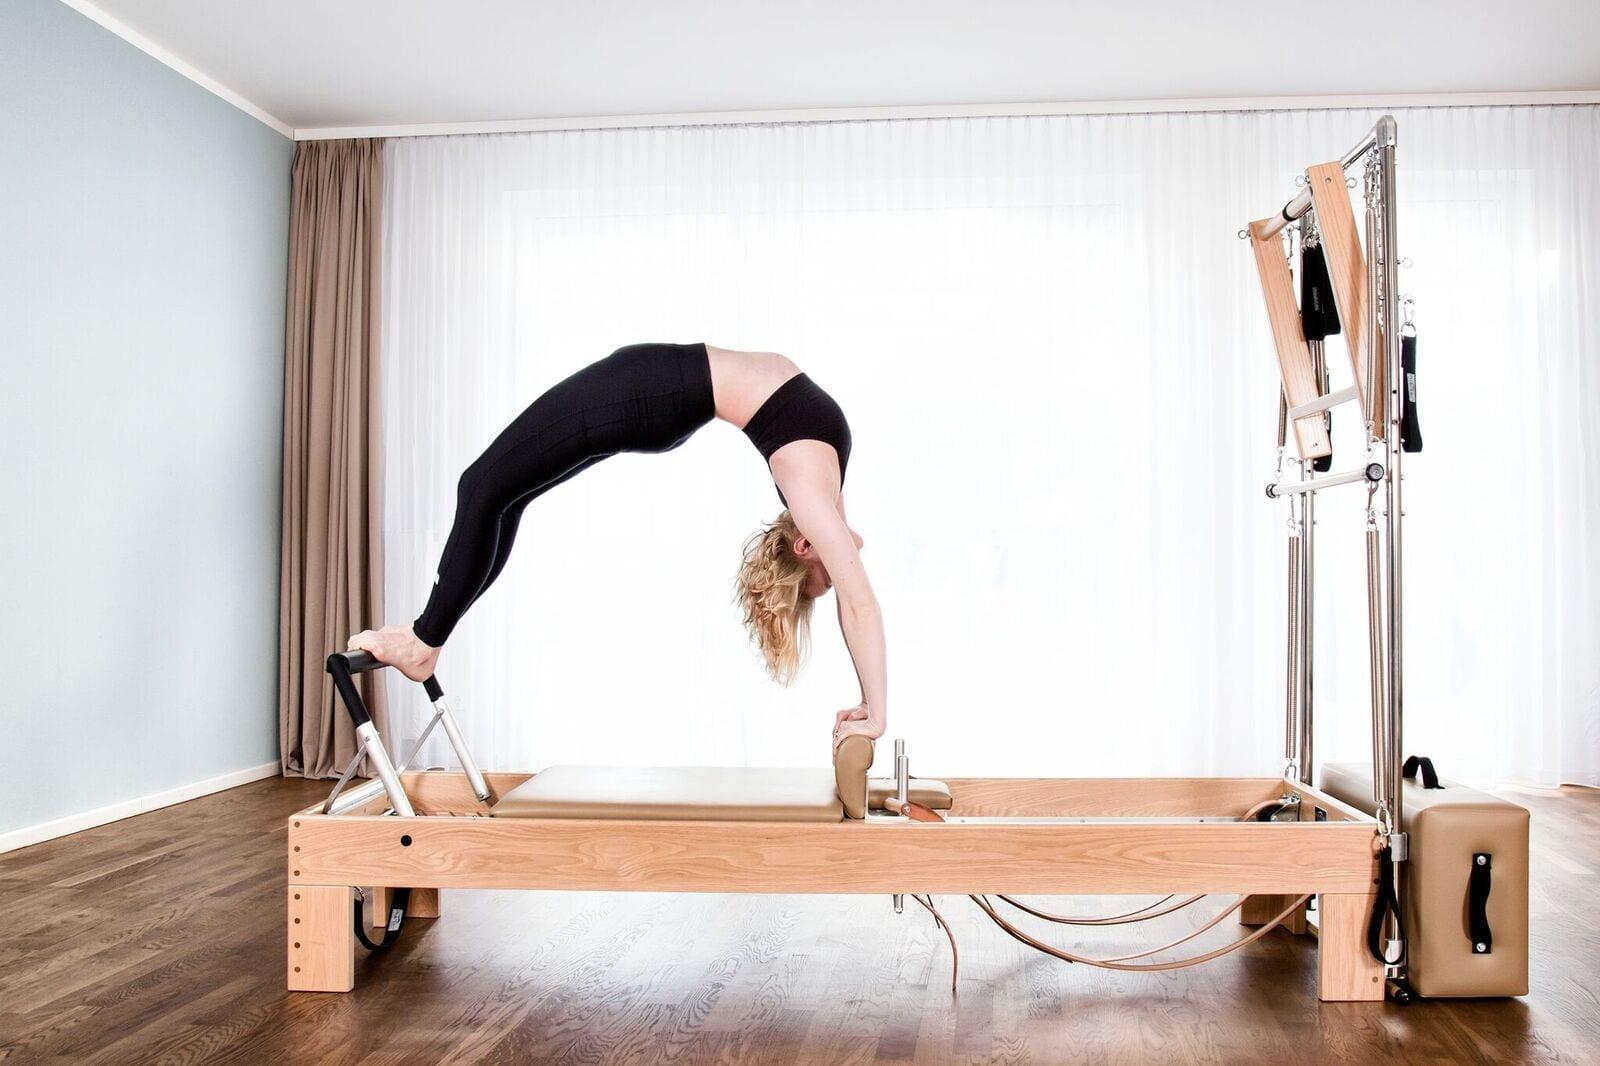 High Bridge am Reformer klassische Pilates Übung mit Gina Mathis Pilates Studio München